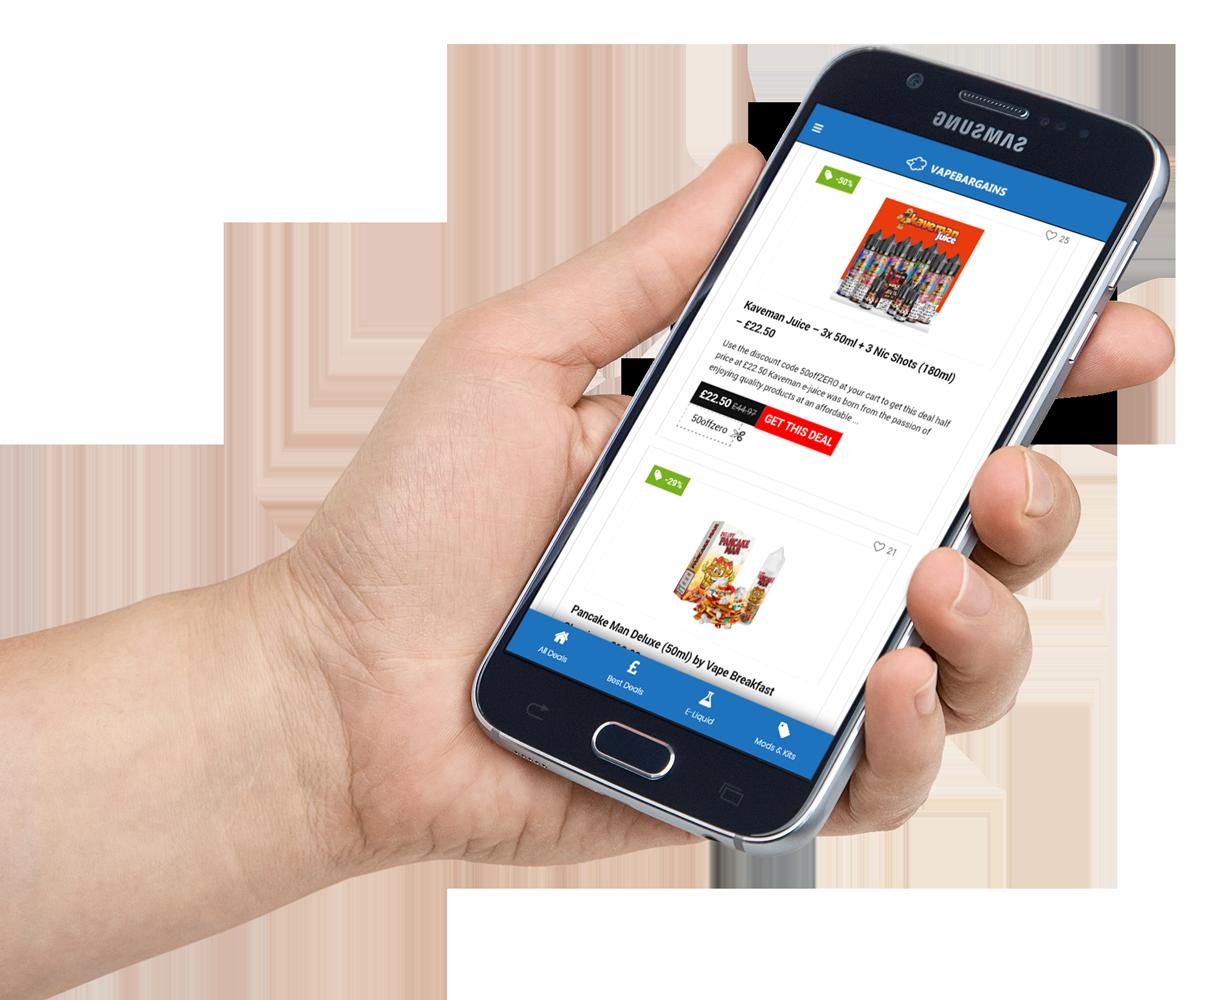 Vape Deals and Offers App